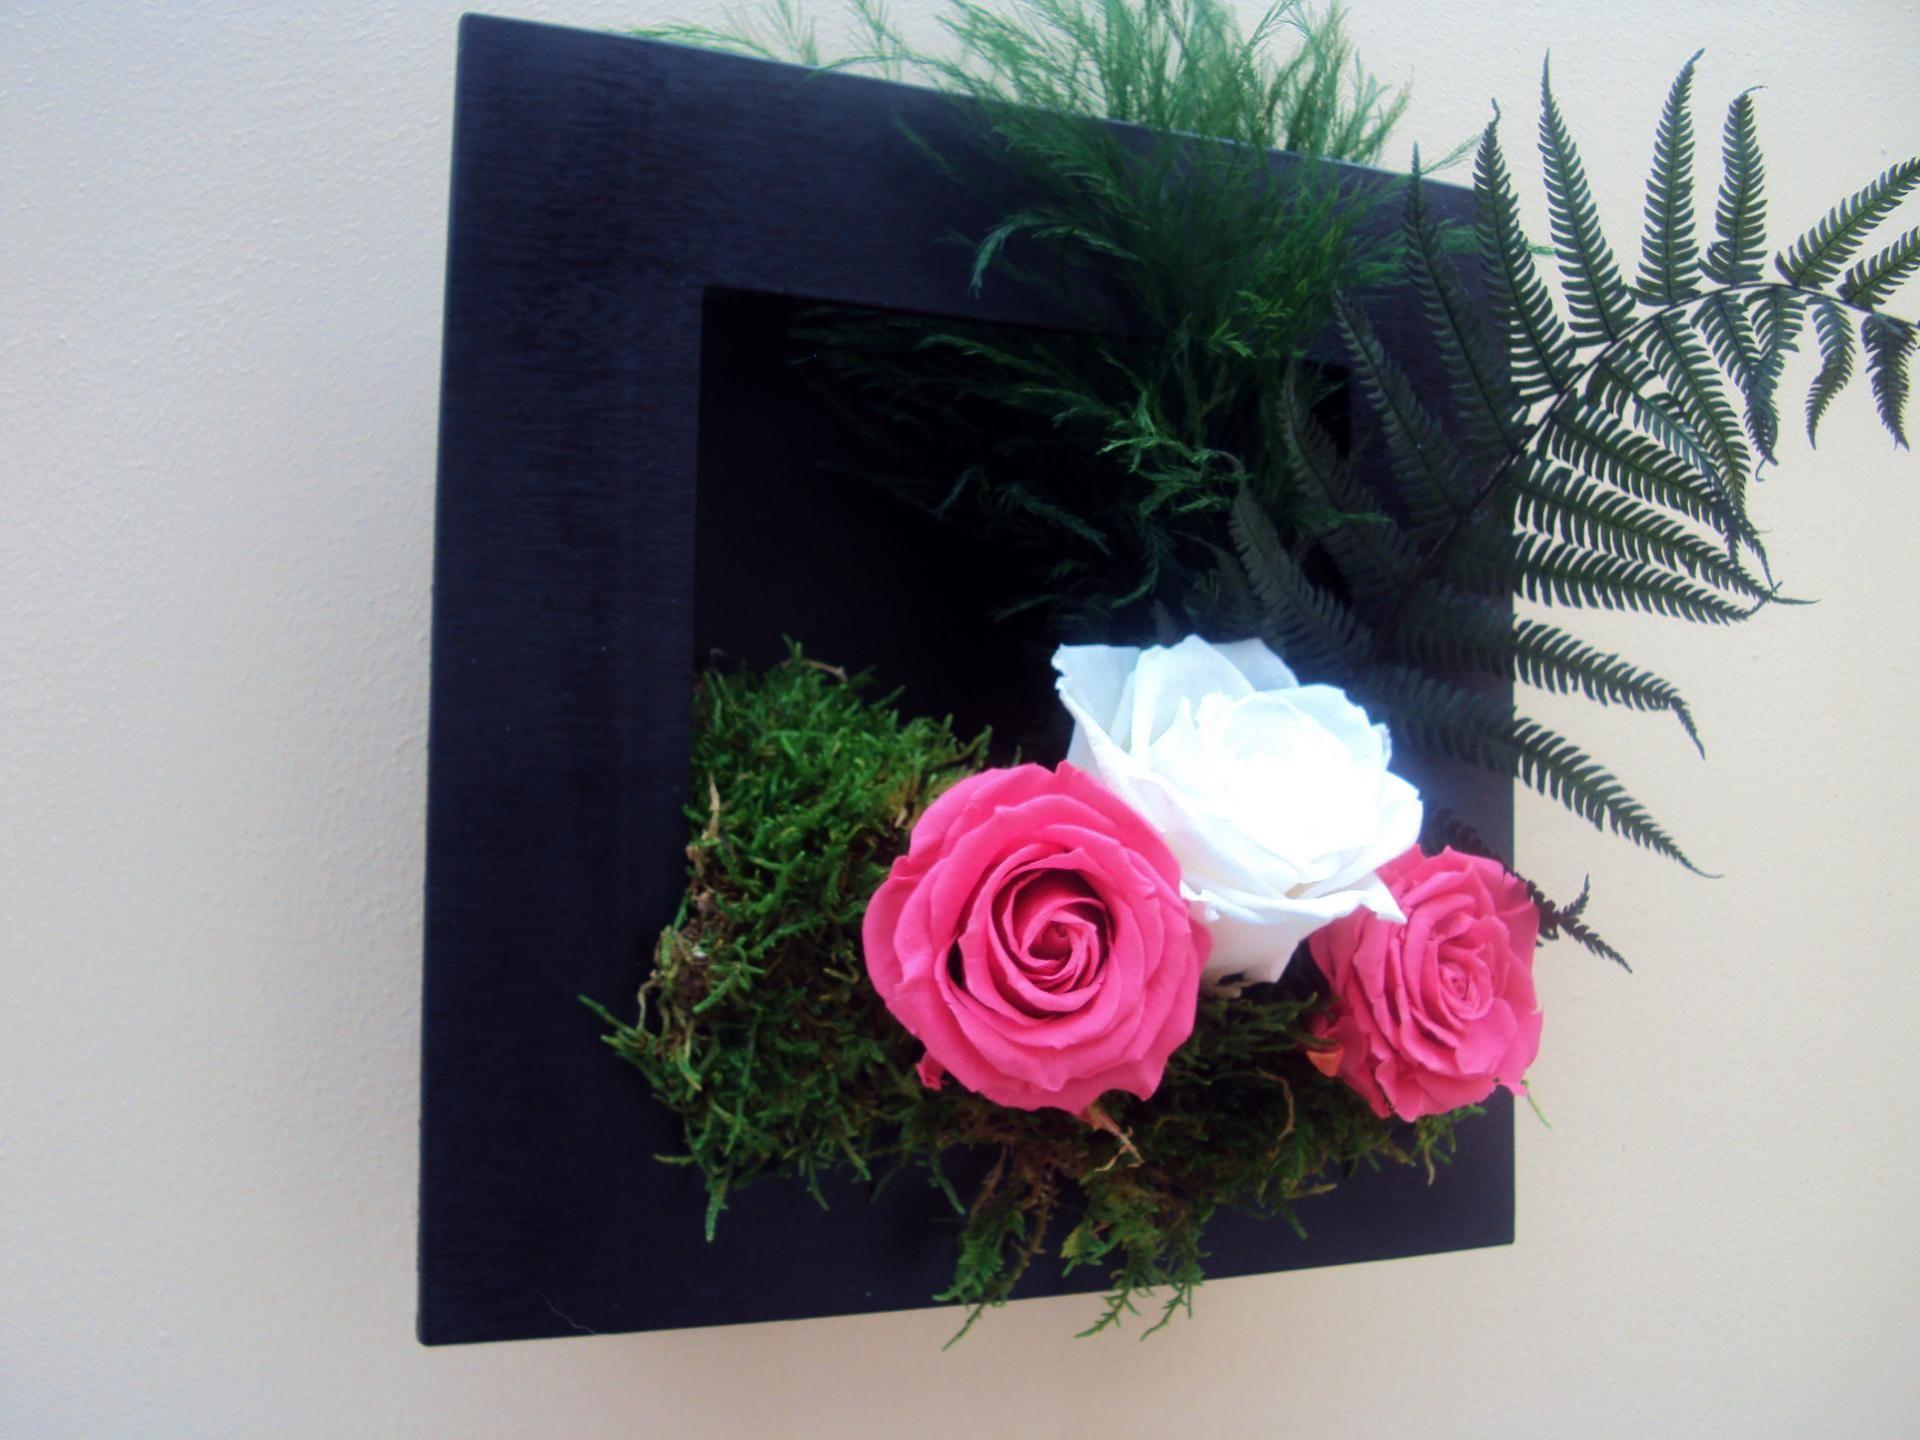 d coration murale tableaux et cadres r alis s avec des v g taux naturels ou fleurs. Black Bedroom Furniture Sets. Home Design Ideas